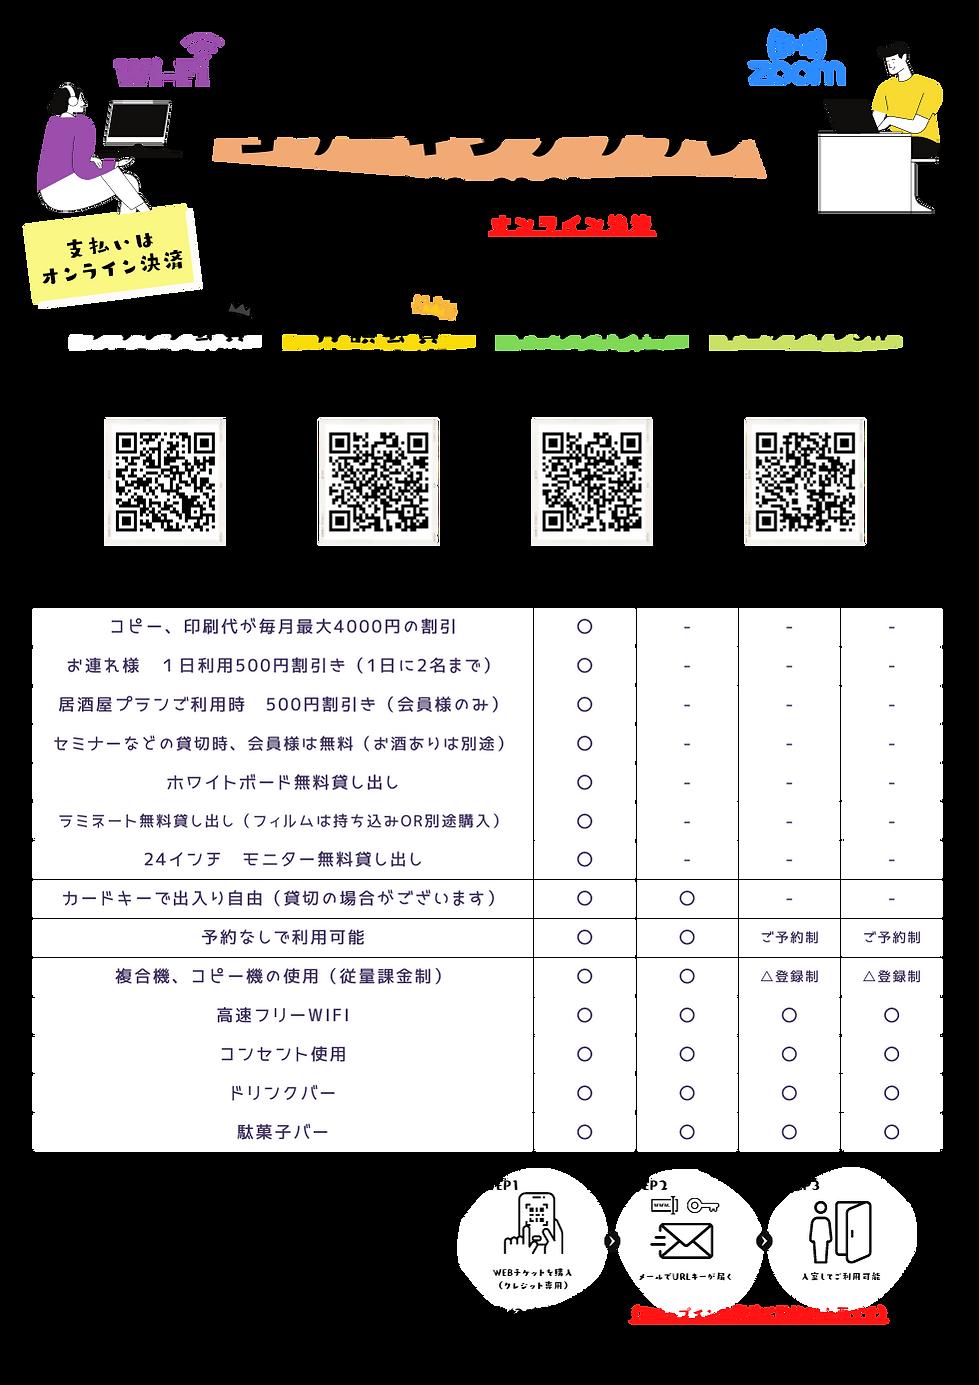 HP用 プラン表 沖縄のコワーキングスペース・エンタメ酒場NRG.png